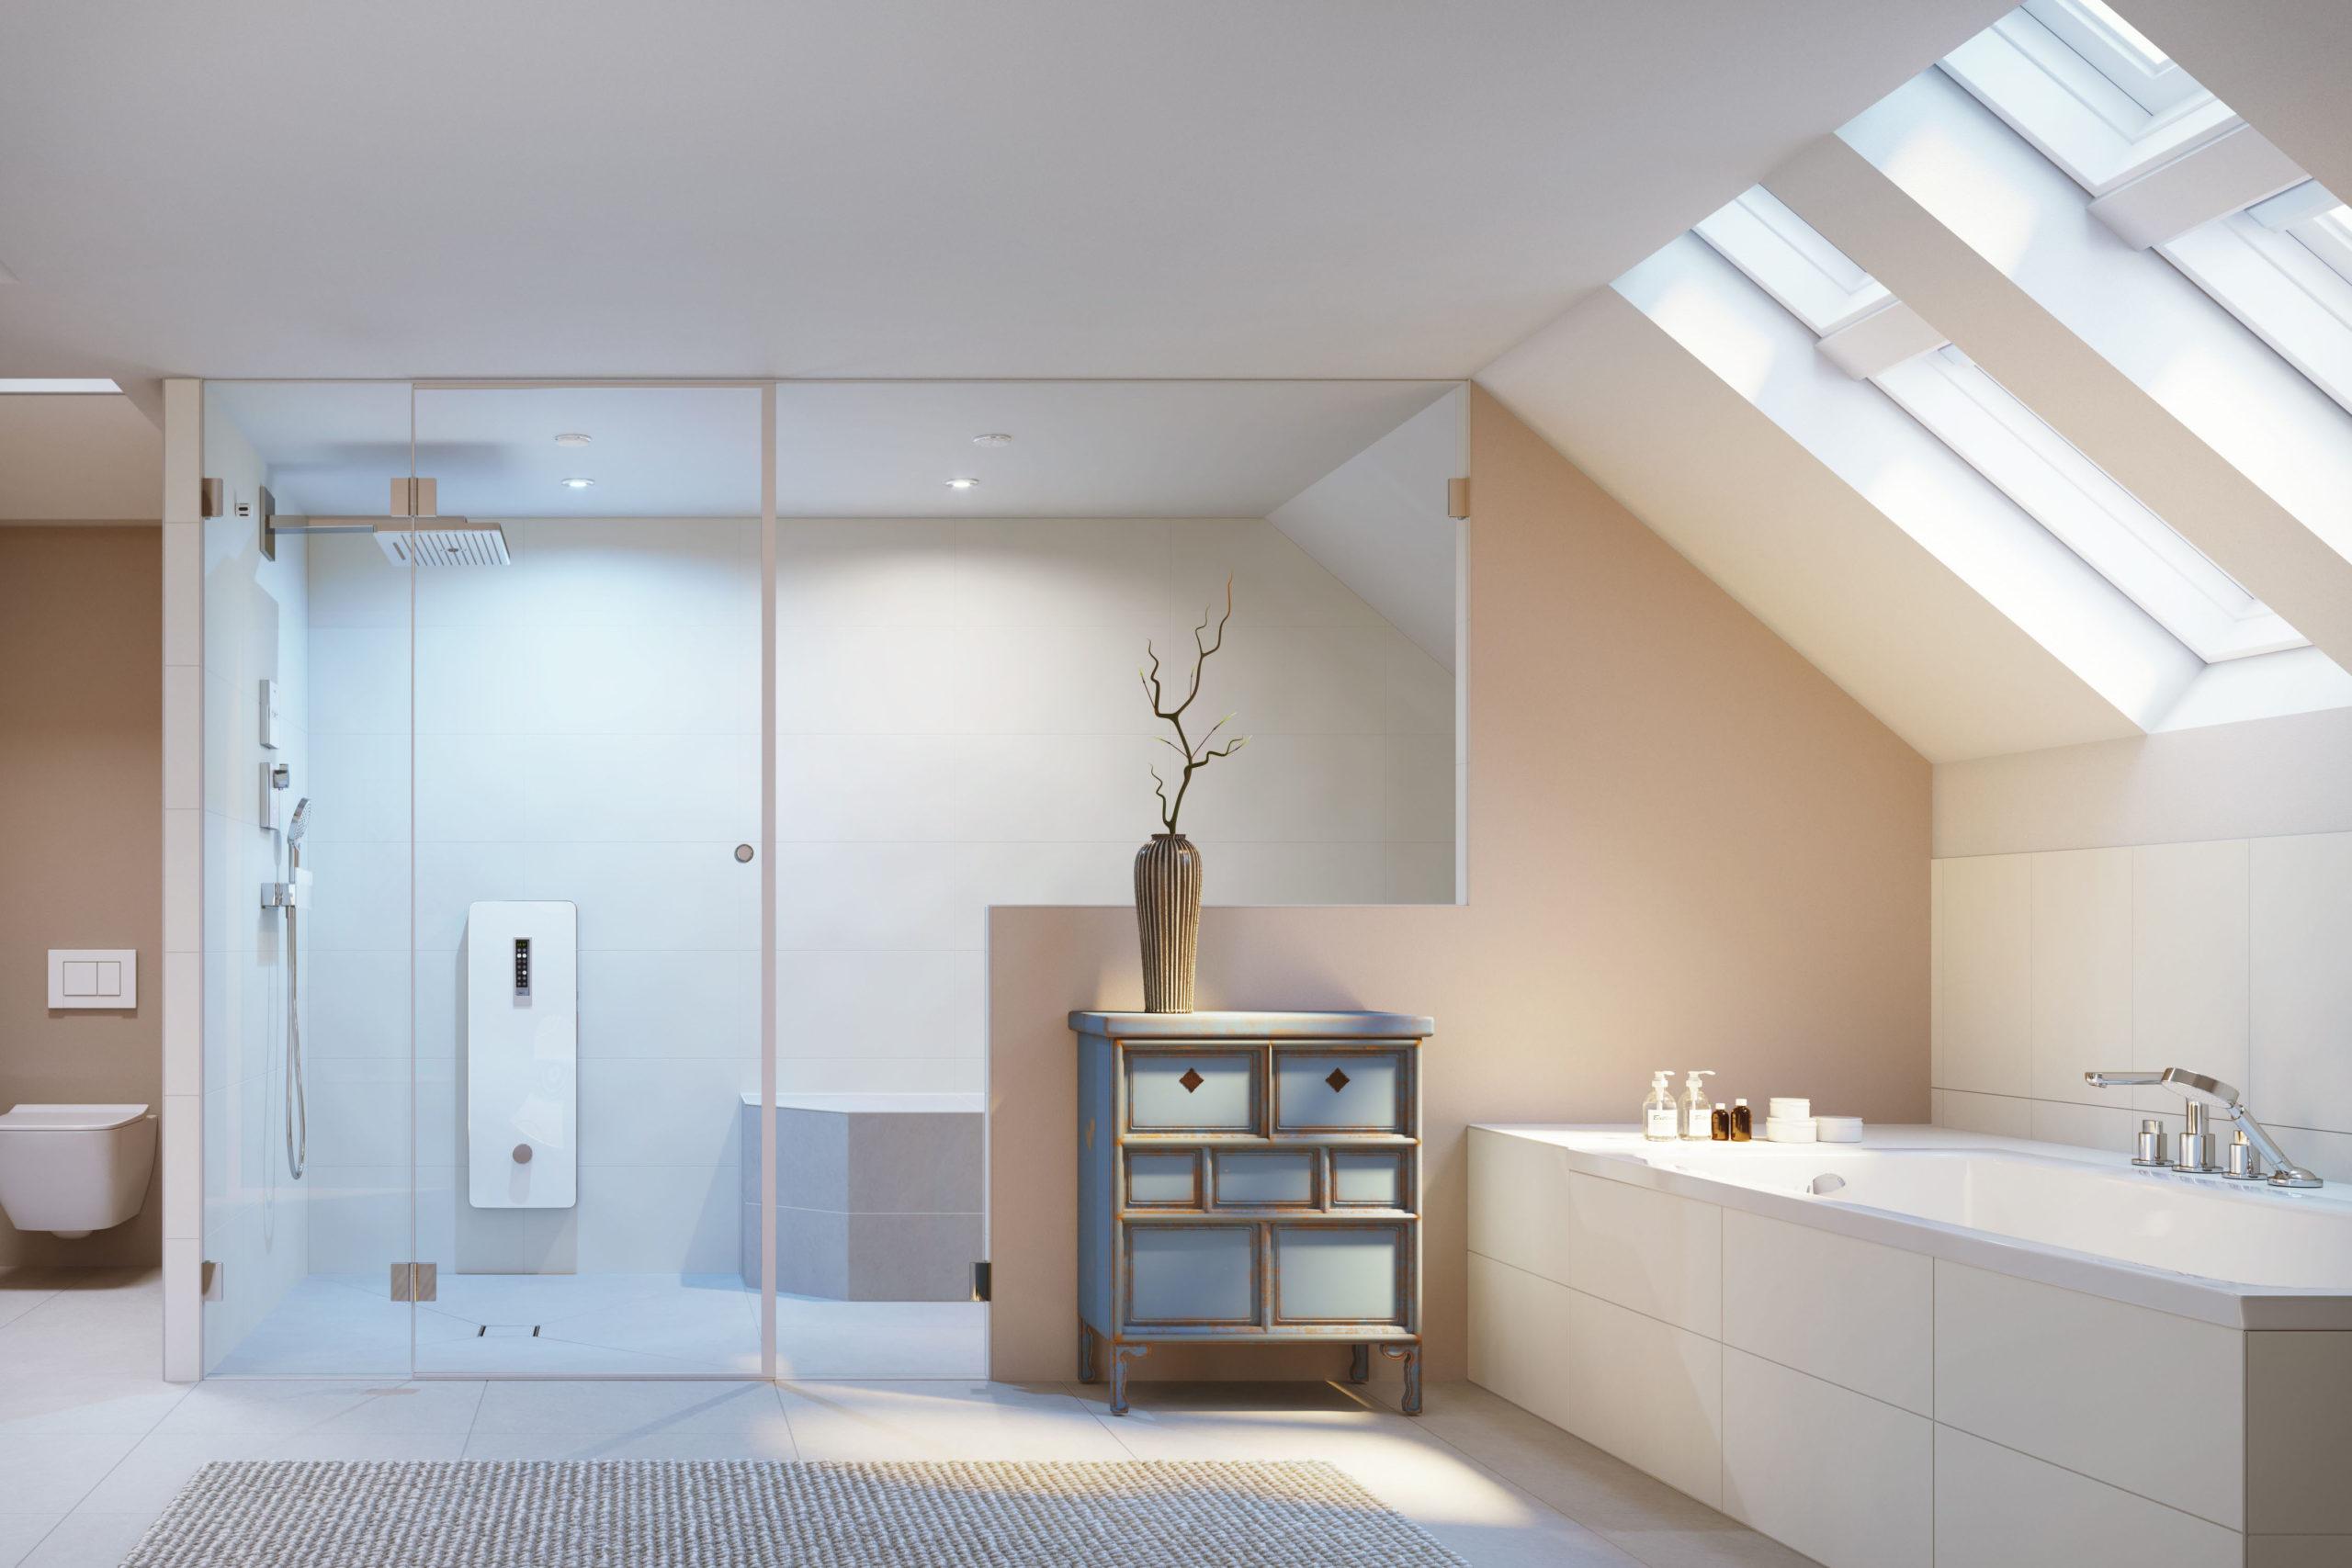 Dampfkabine für das eigene Dampfbad im Badezimmer